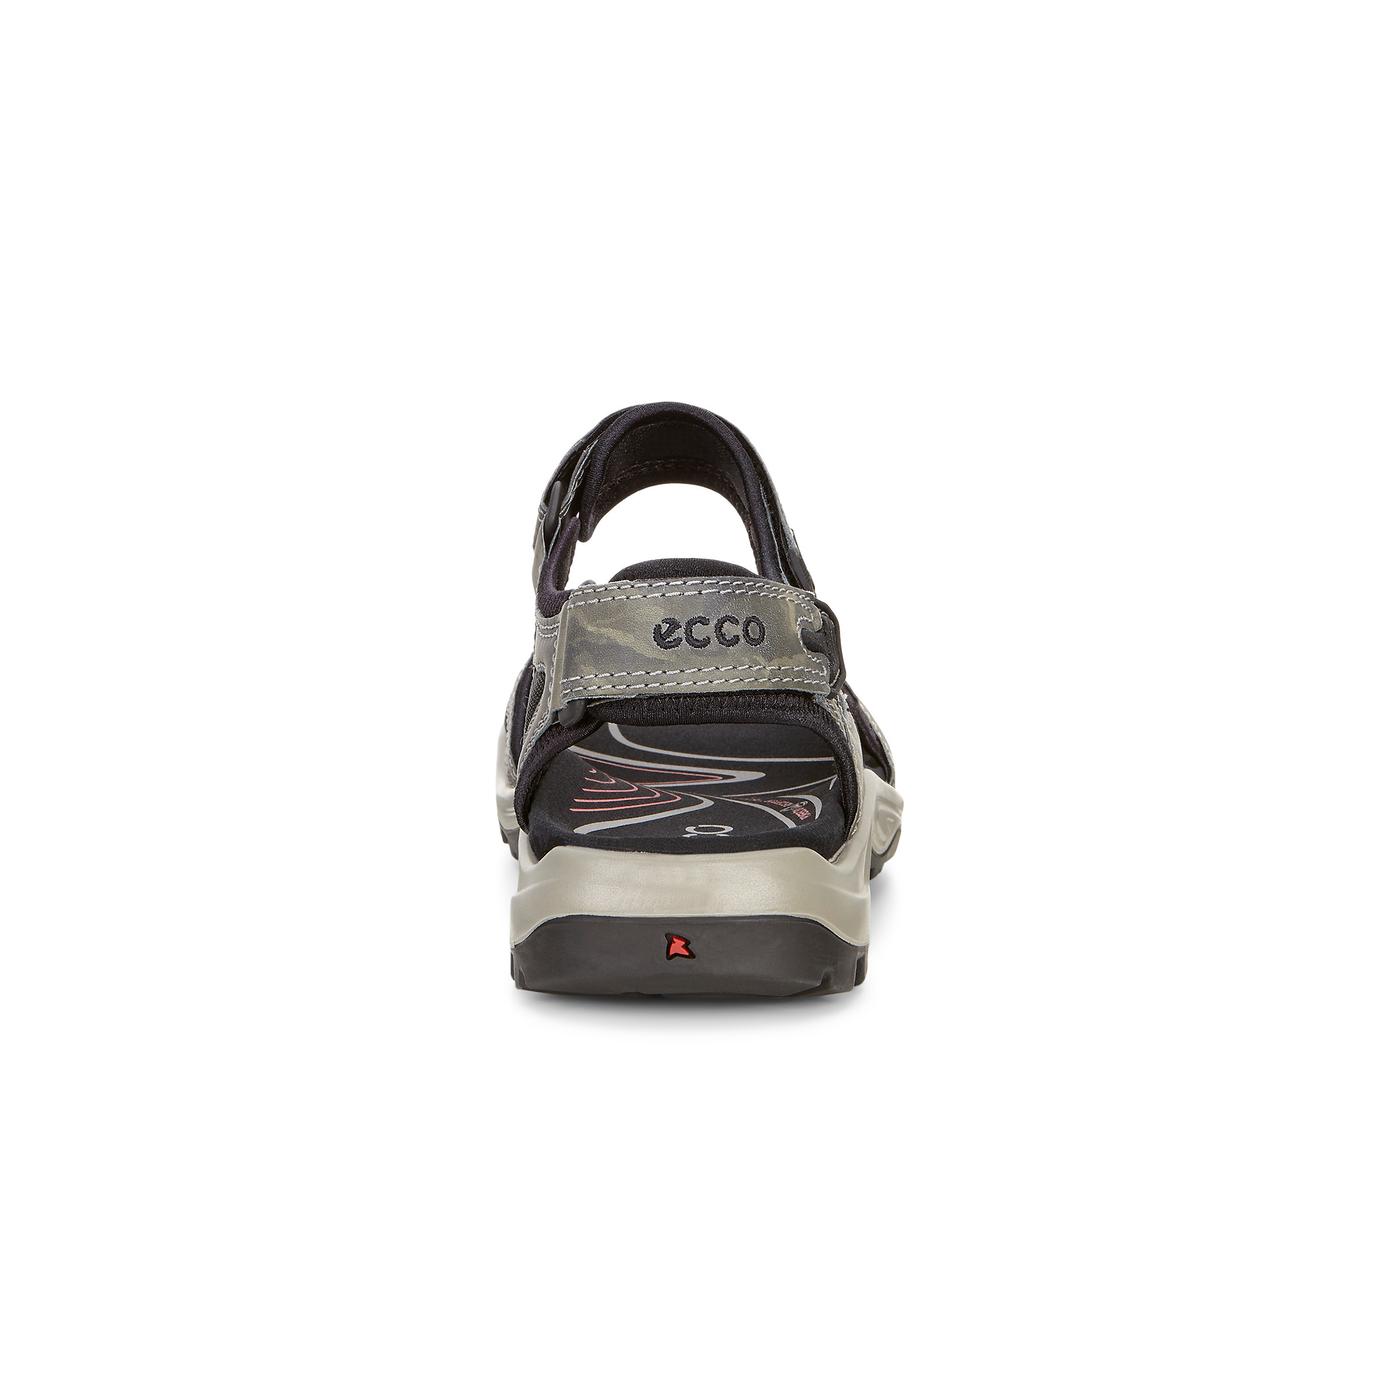 ECCO OFFROAD Mens Sandal